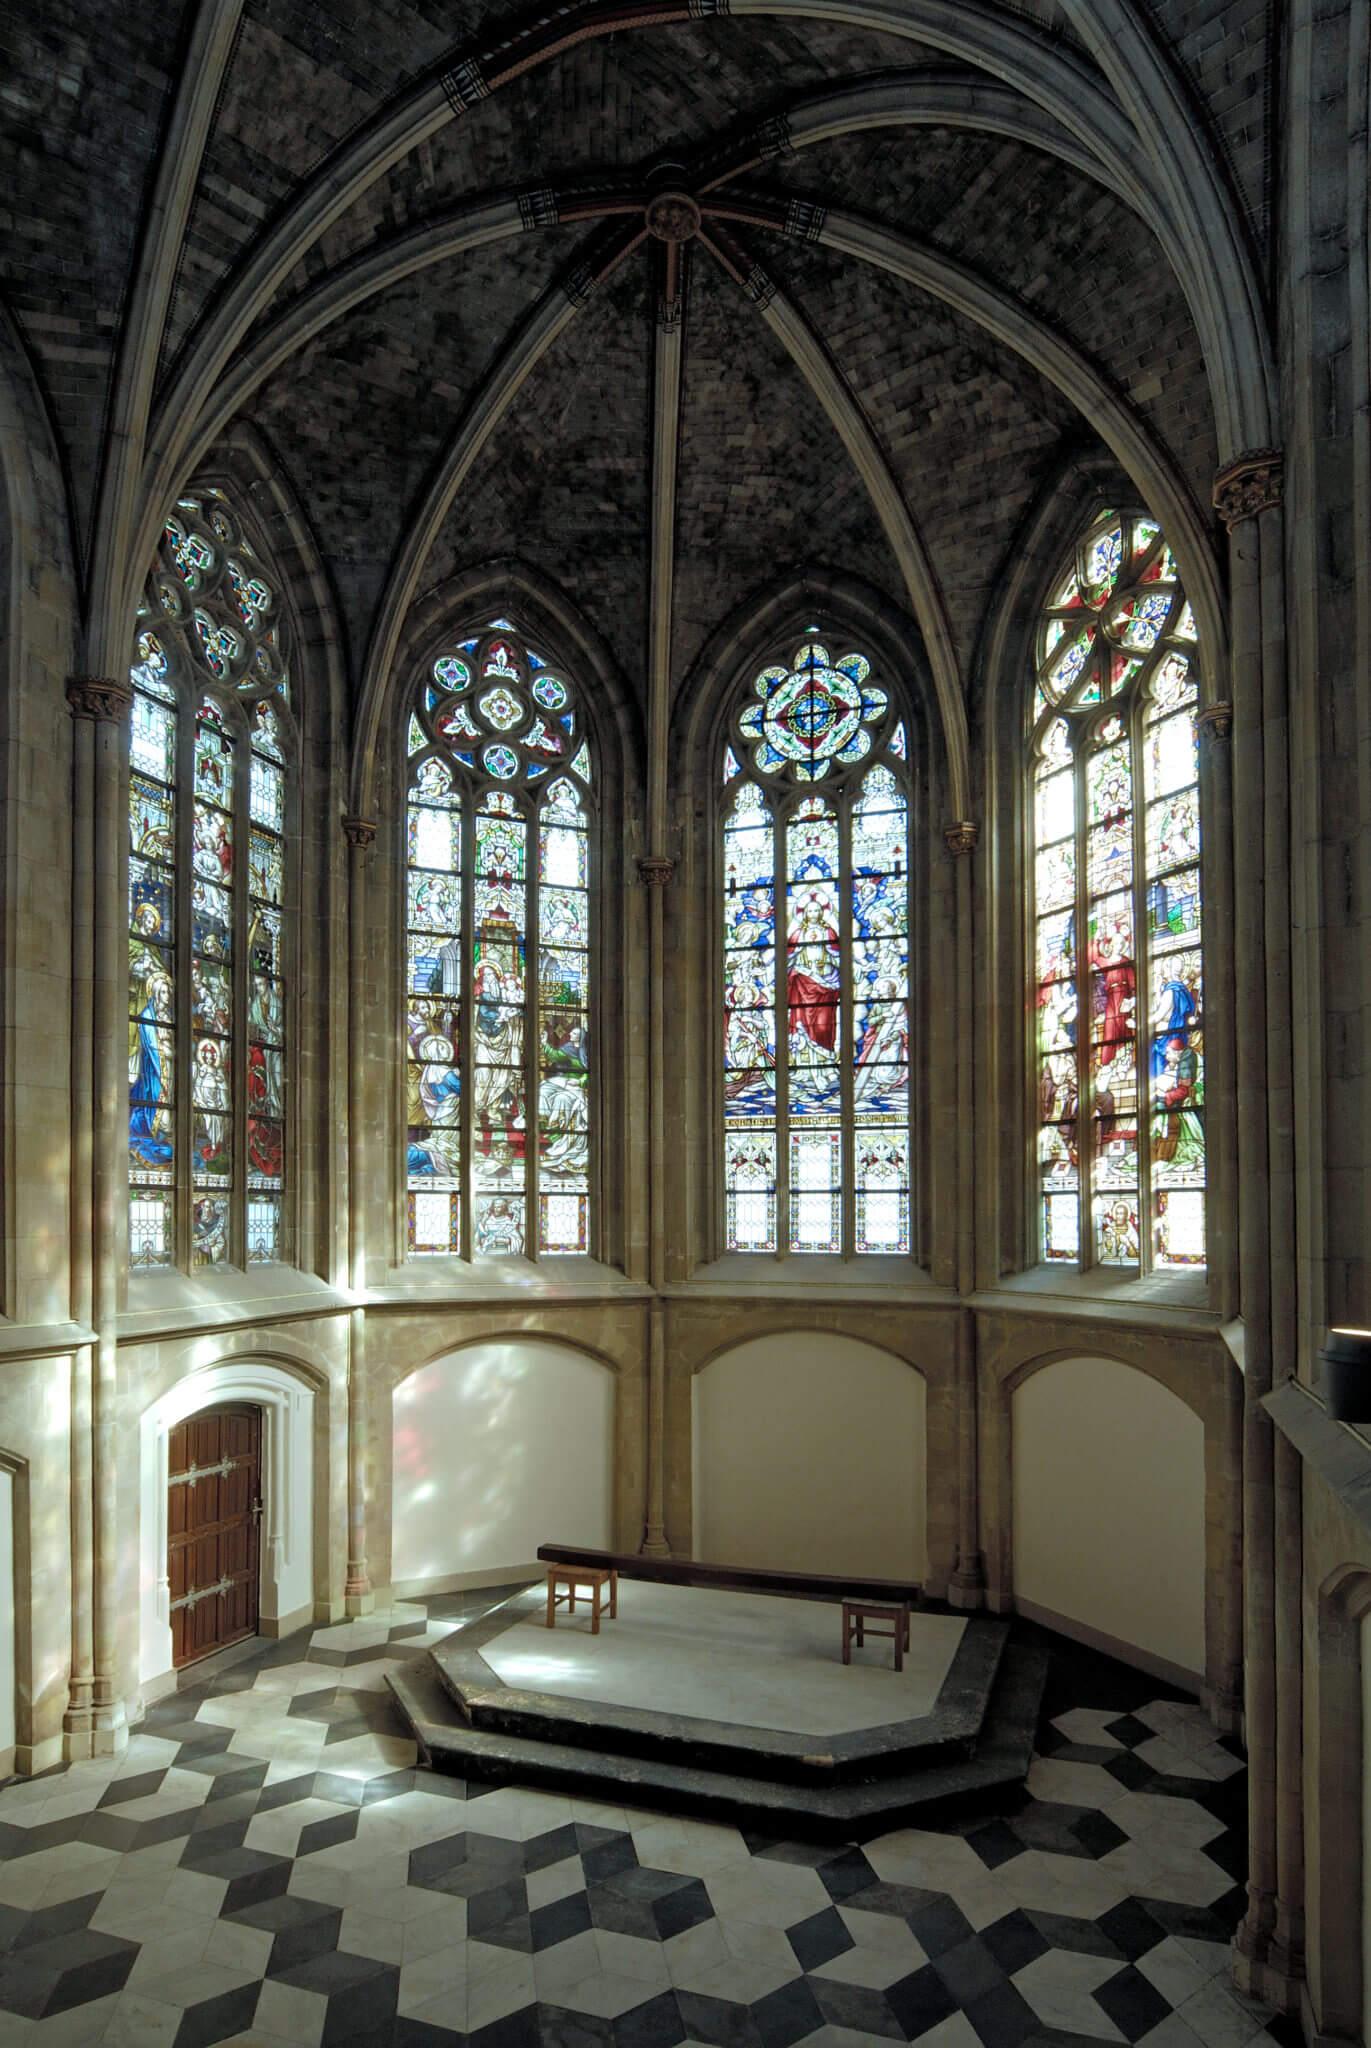 Maastricht monument beschermd stadsgezicht transformatie herbestemming Limburg glasdak stedenbouwkundige inpassing stadswal